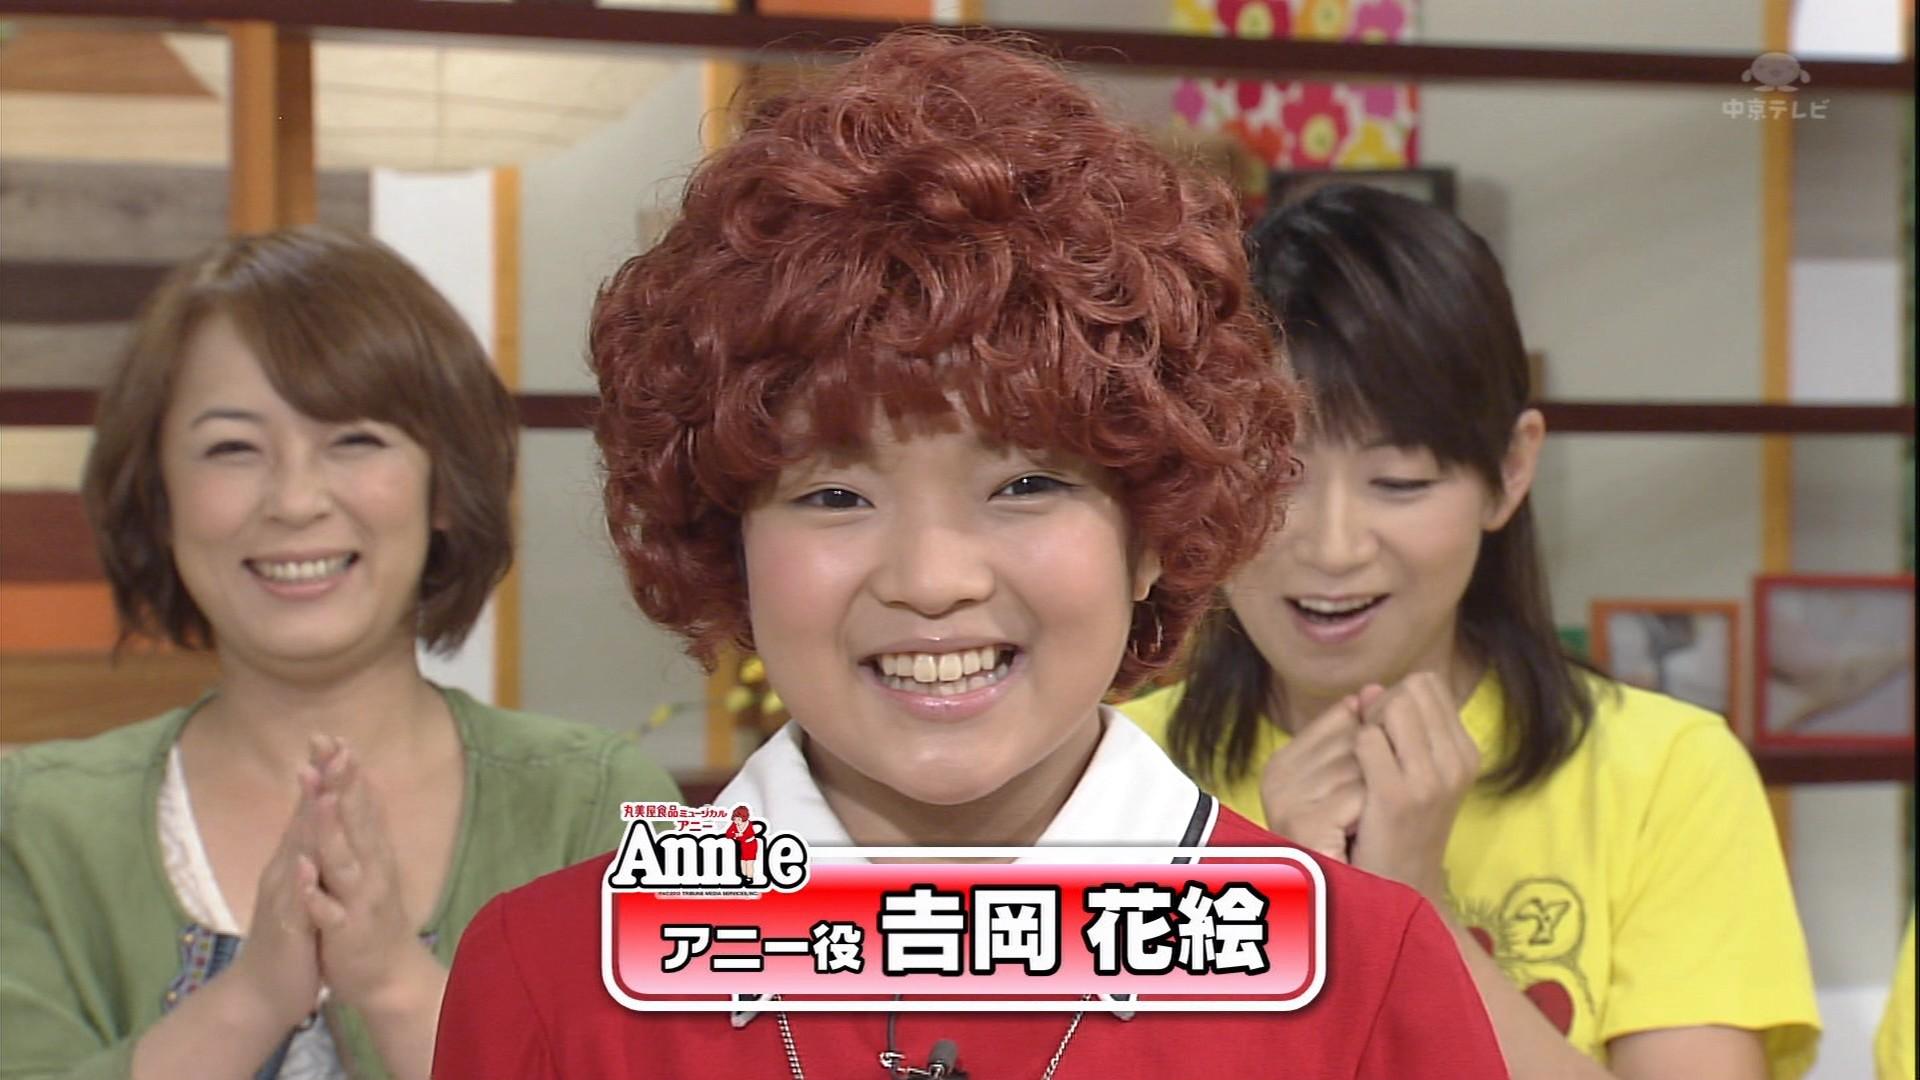 子役 アニー